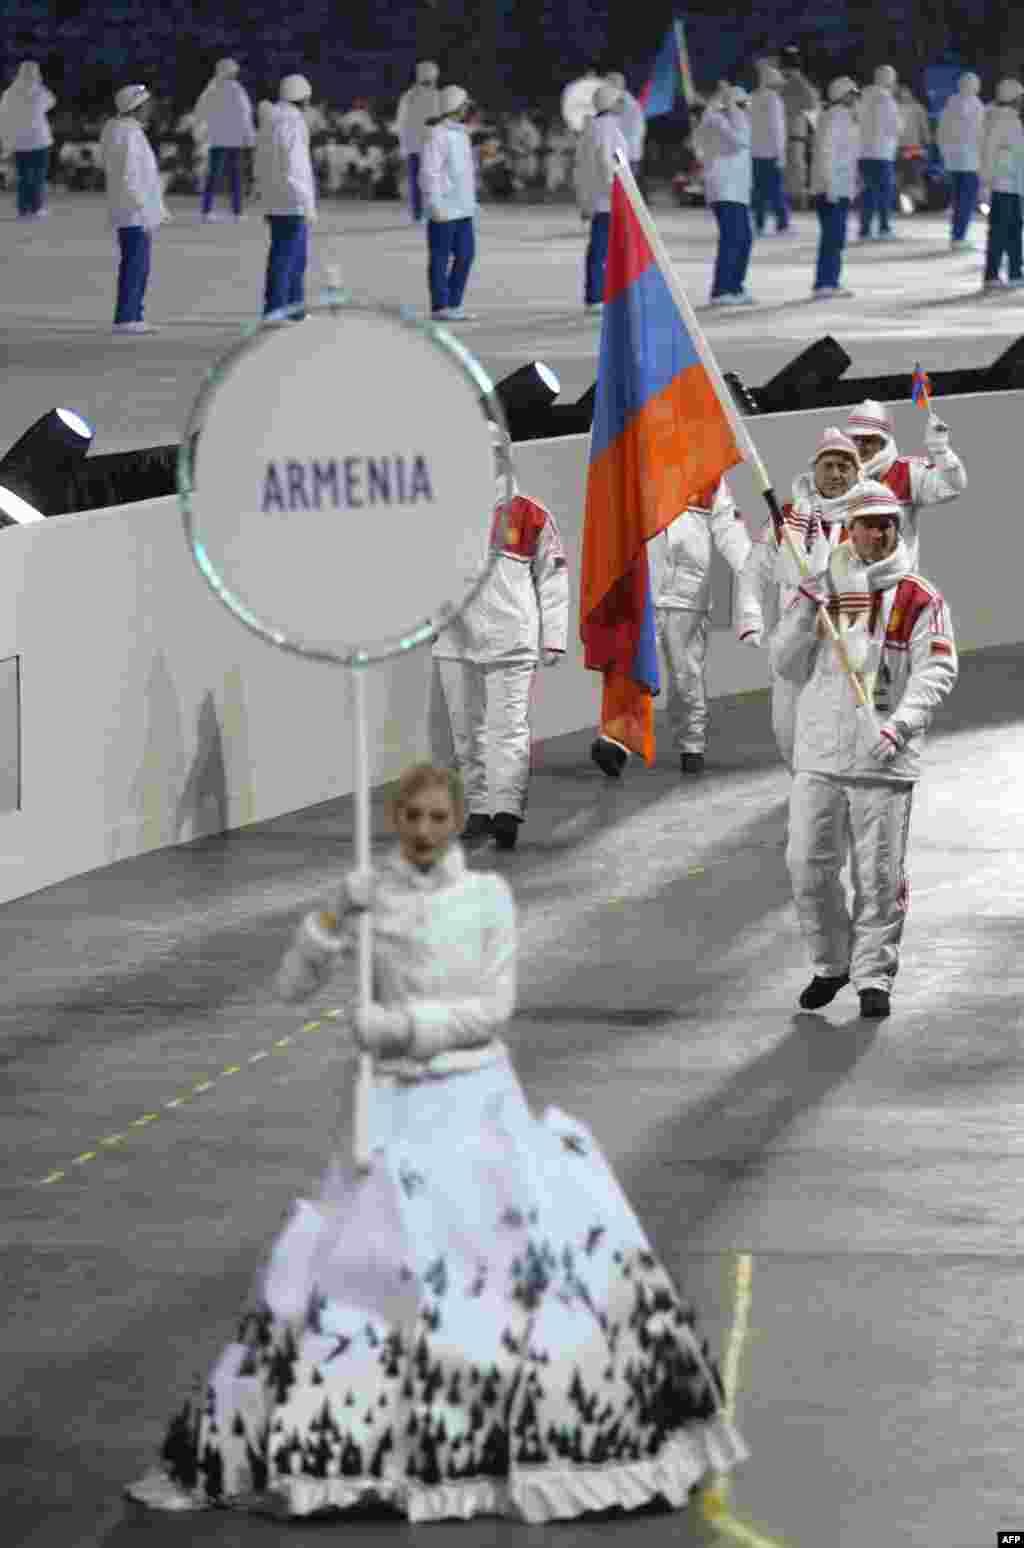 Сосед Азербайджана - Армения - предлагает лишь 30 тысяч долларов за золото, 20 тысяч долларов - за серебро, 10 тысяч - за бронзу.